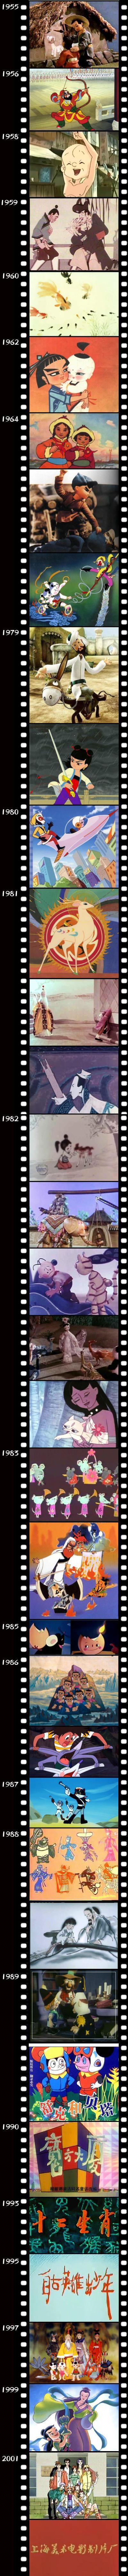 【这才是真童年啊】搜了下上海美术电影制片厂给跪了,简直是被上美长带大的!!!原本以为这些动画都是90年代出的,没想到有的比爹妈年龄还要大。。。这些影片几乎都看过,这才是真童年啊 !!!